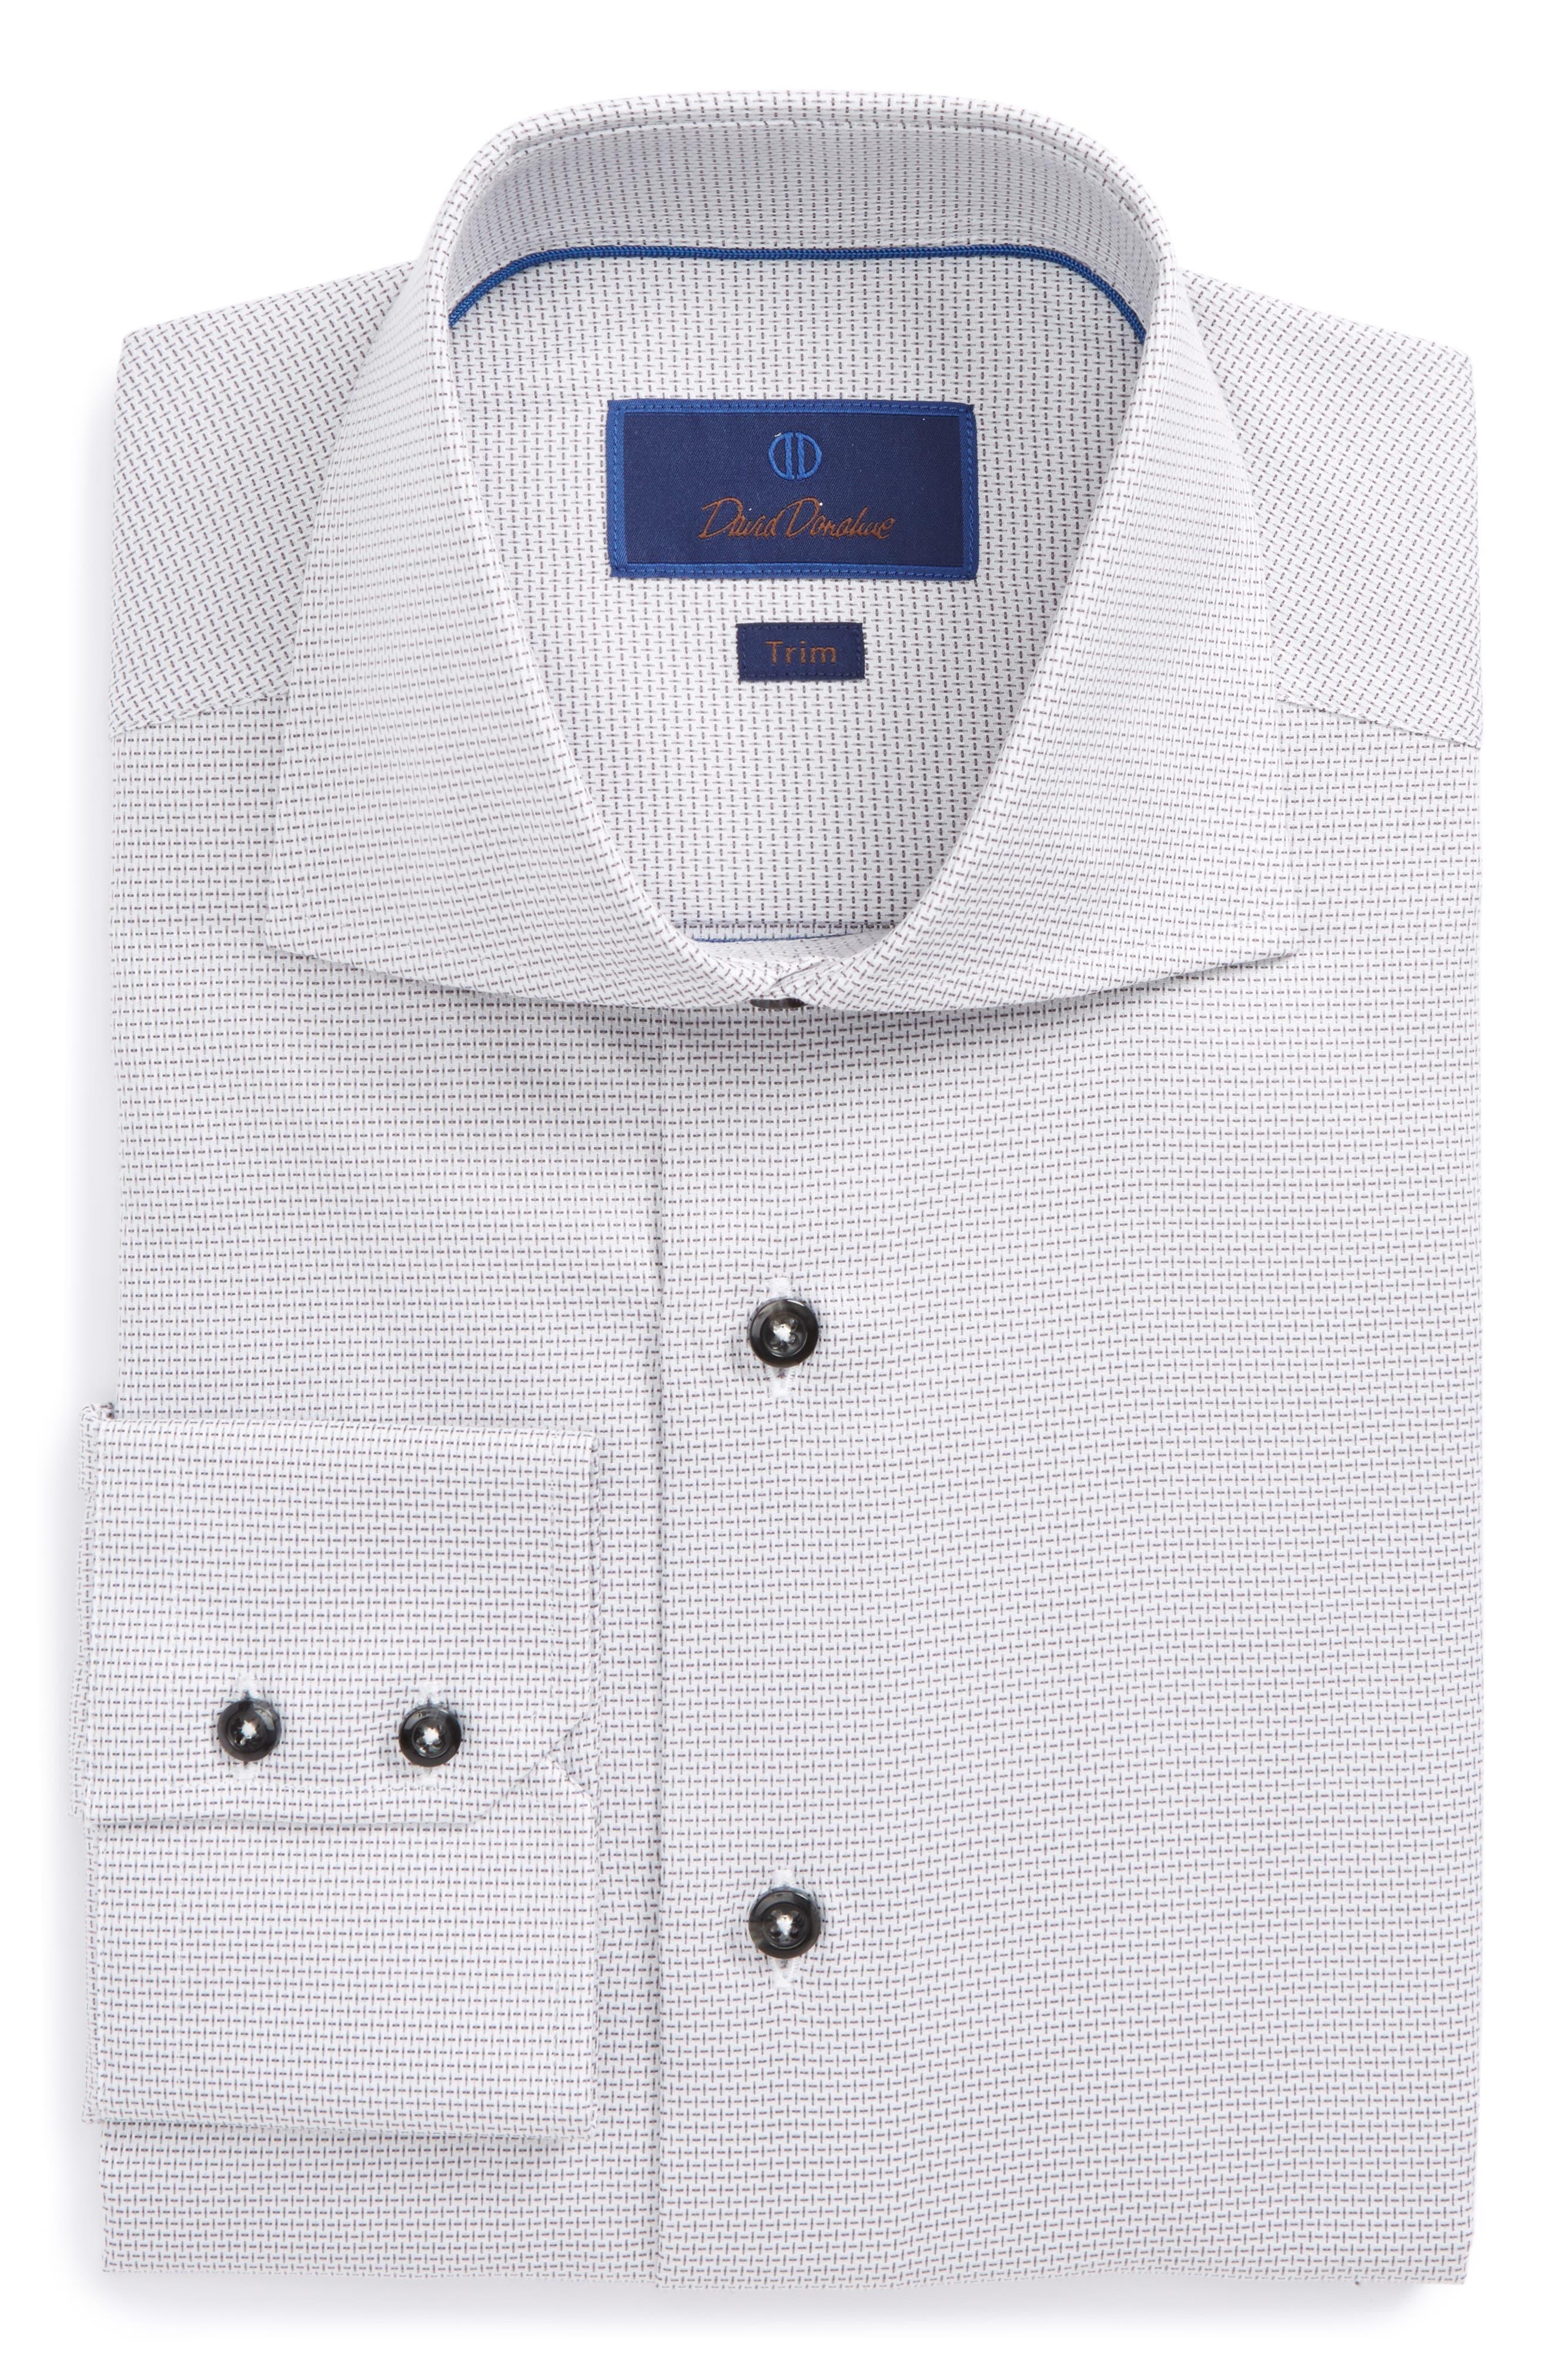 Trim Fit Patterned Dress Shirt,                         Main,                         color, 020